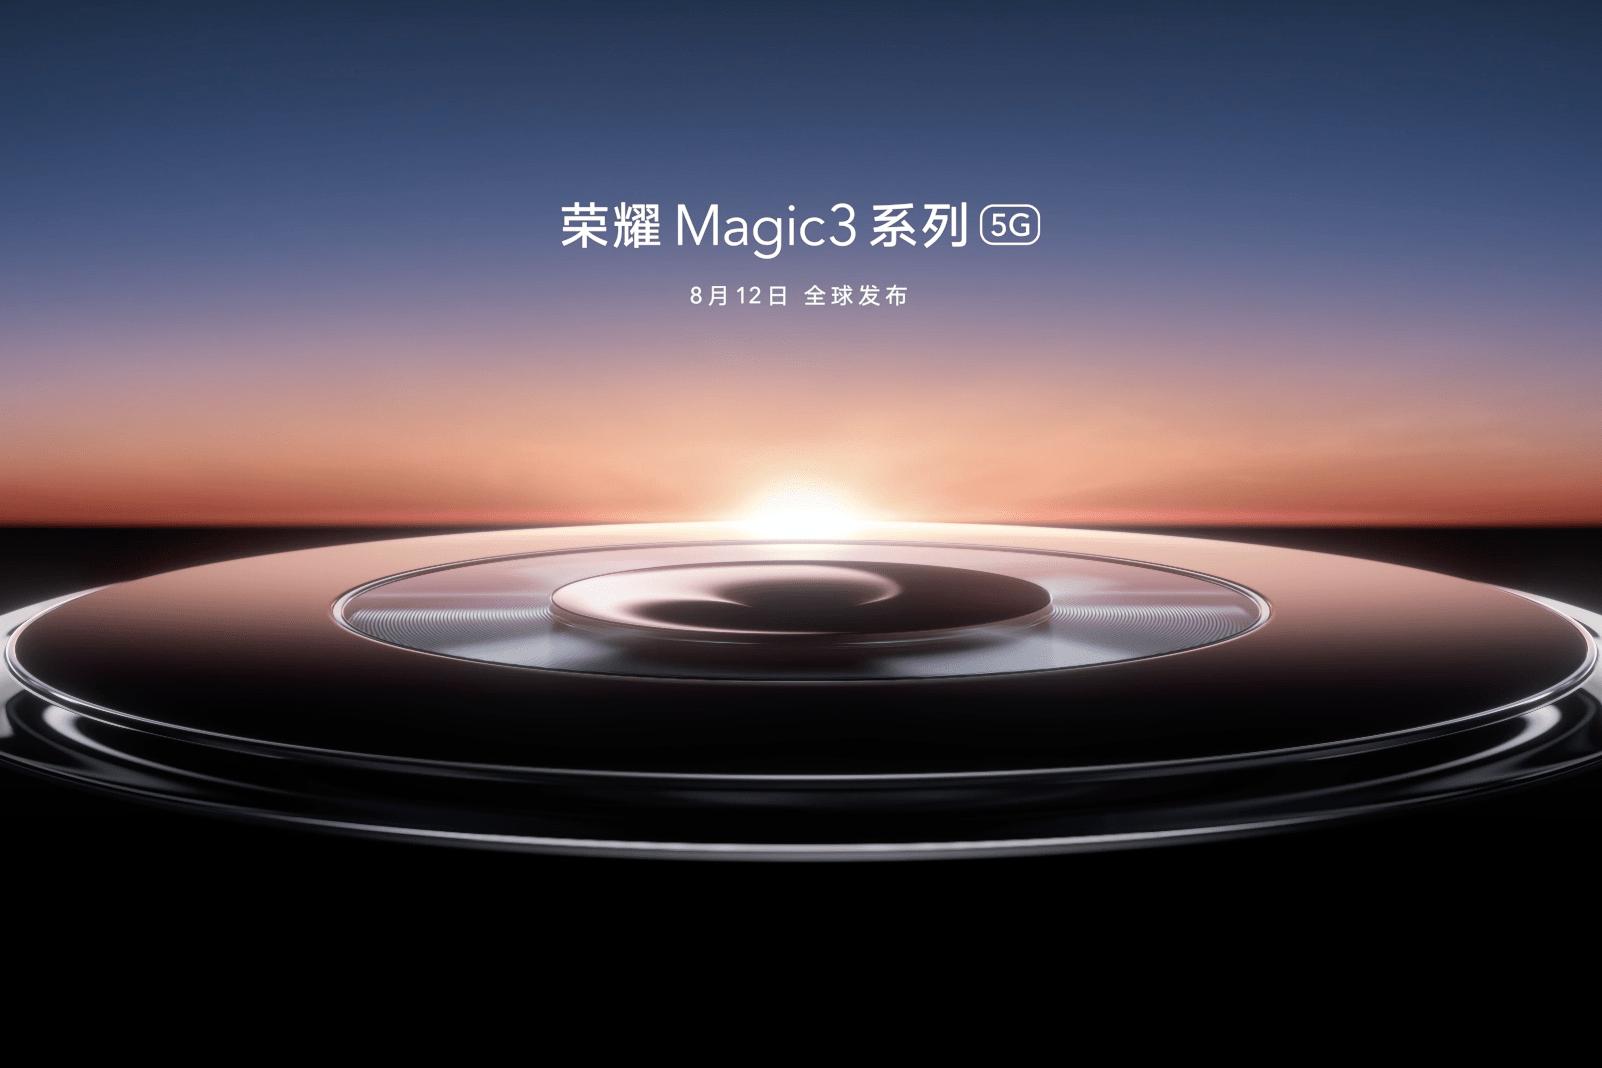 荣耀Magic3官宣核心参数曝光,苹果或WWDC22发布VR头显